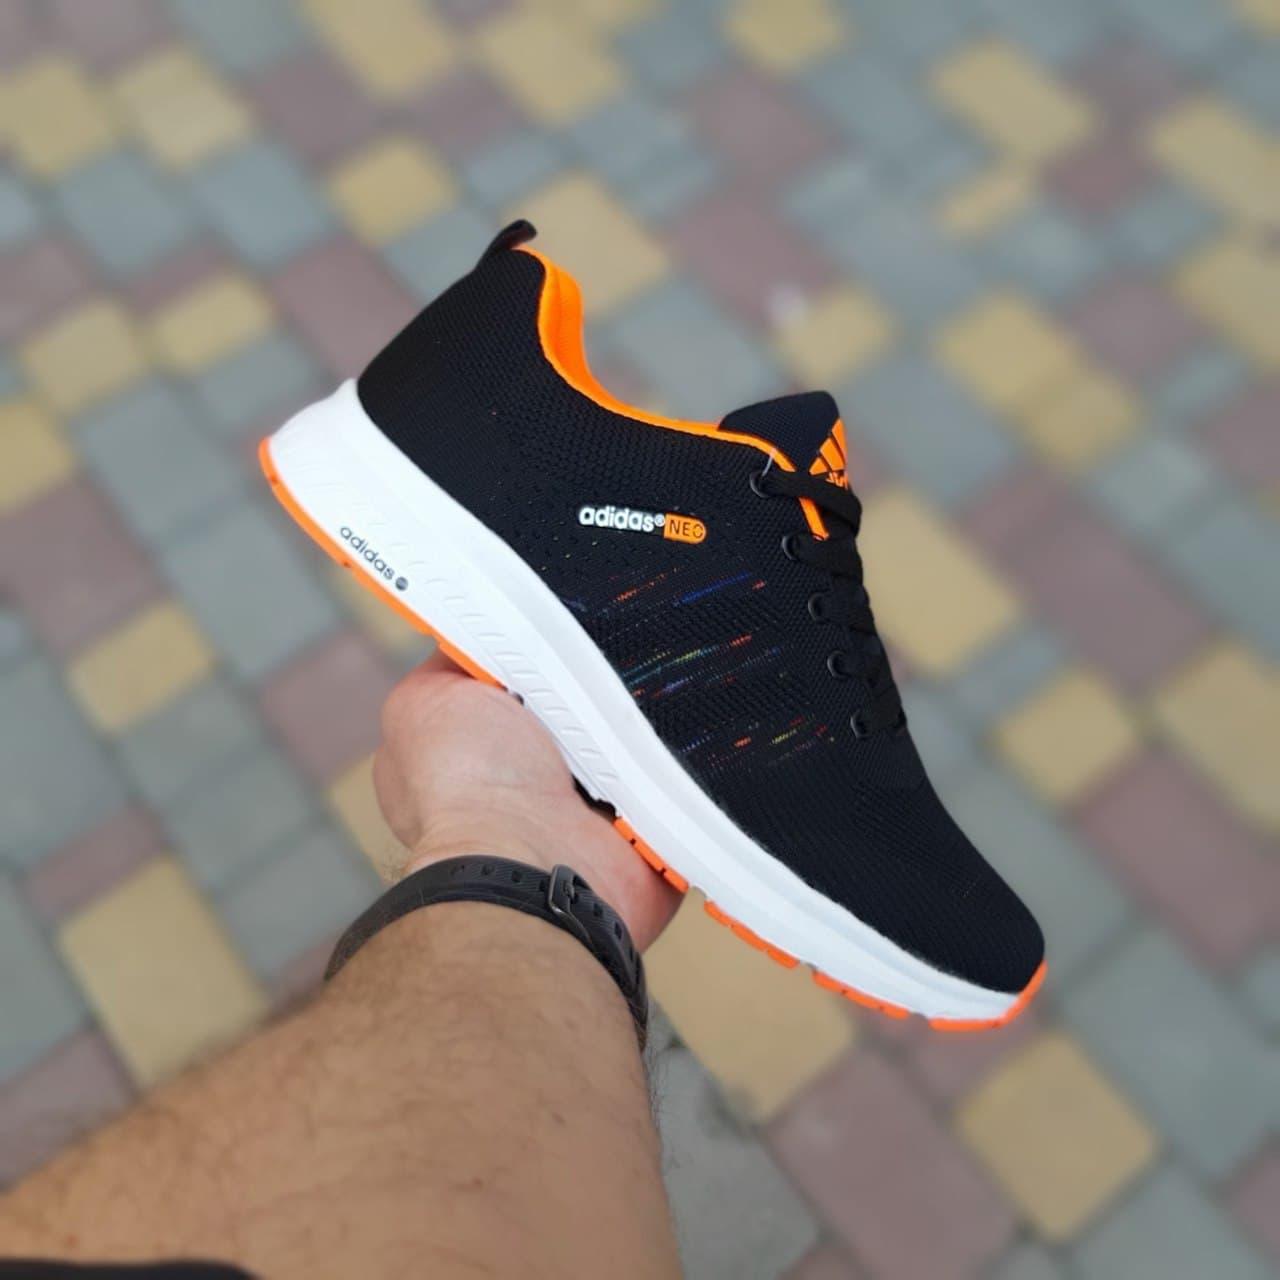 Женские кроссовки Adidas NEO (черные с оранжевым) О20070  модная и актуальная обувь